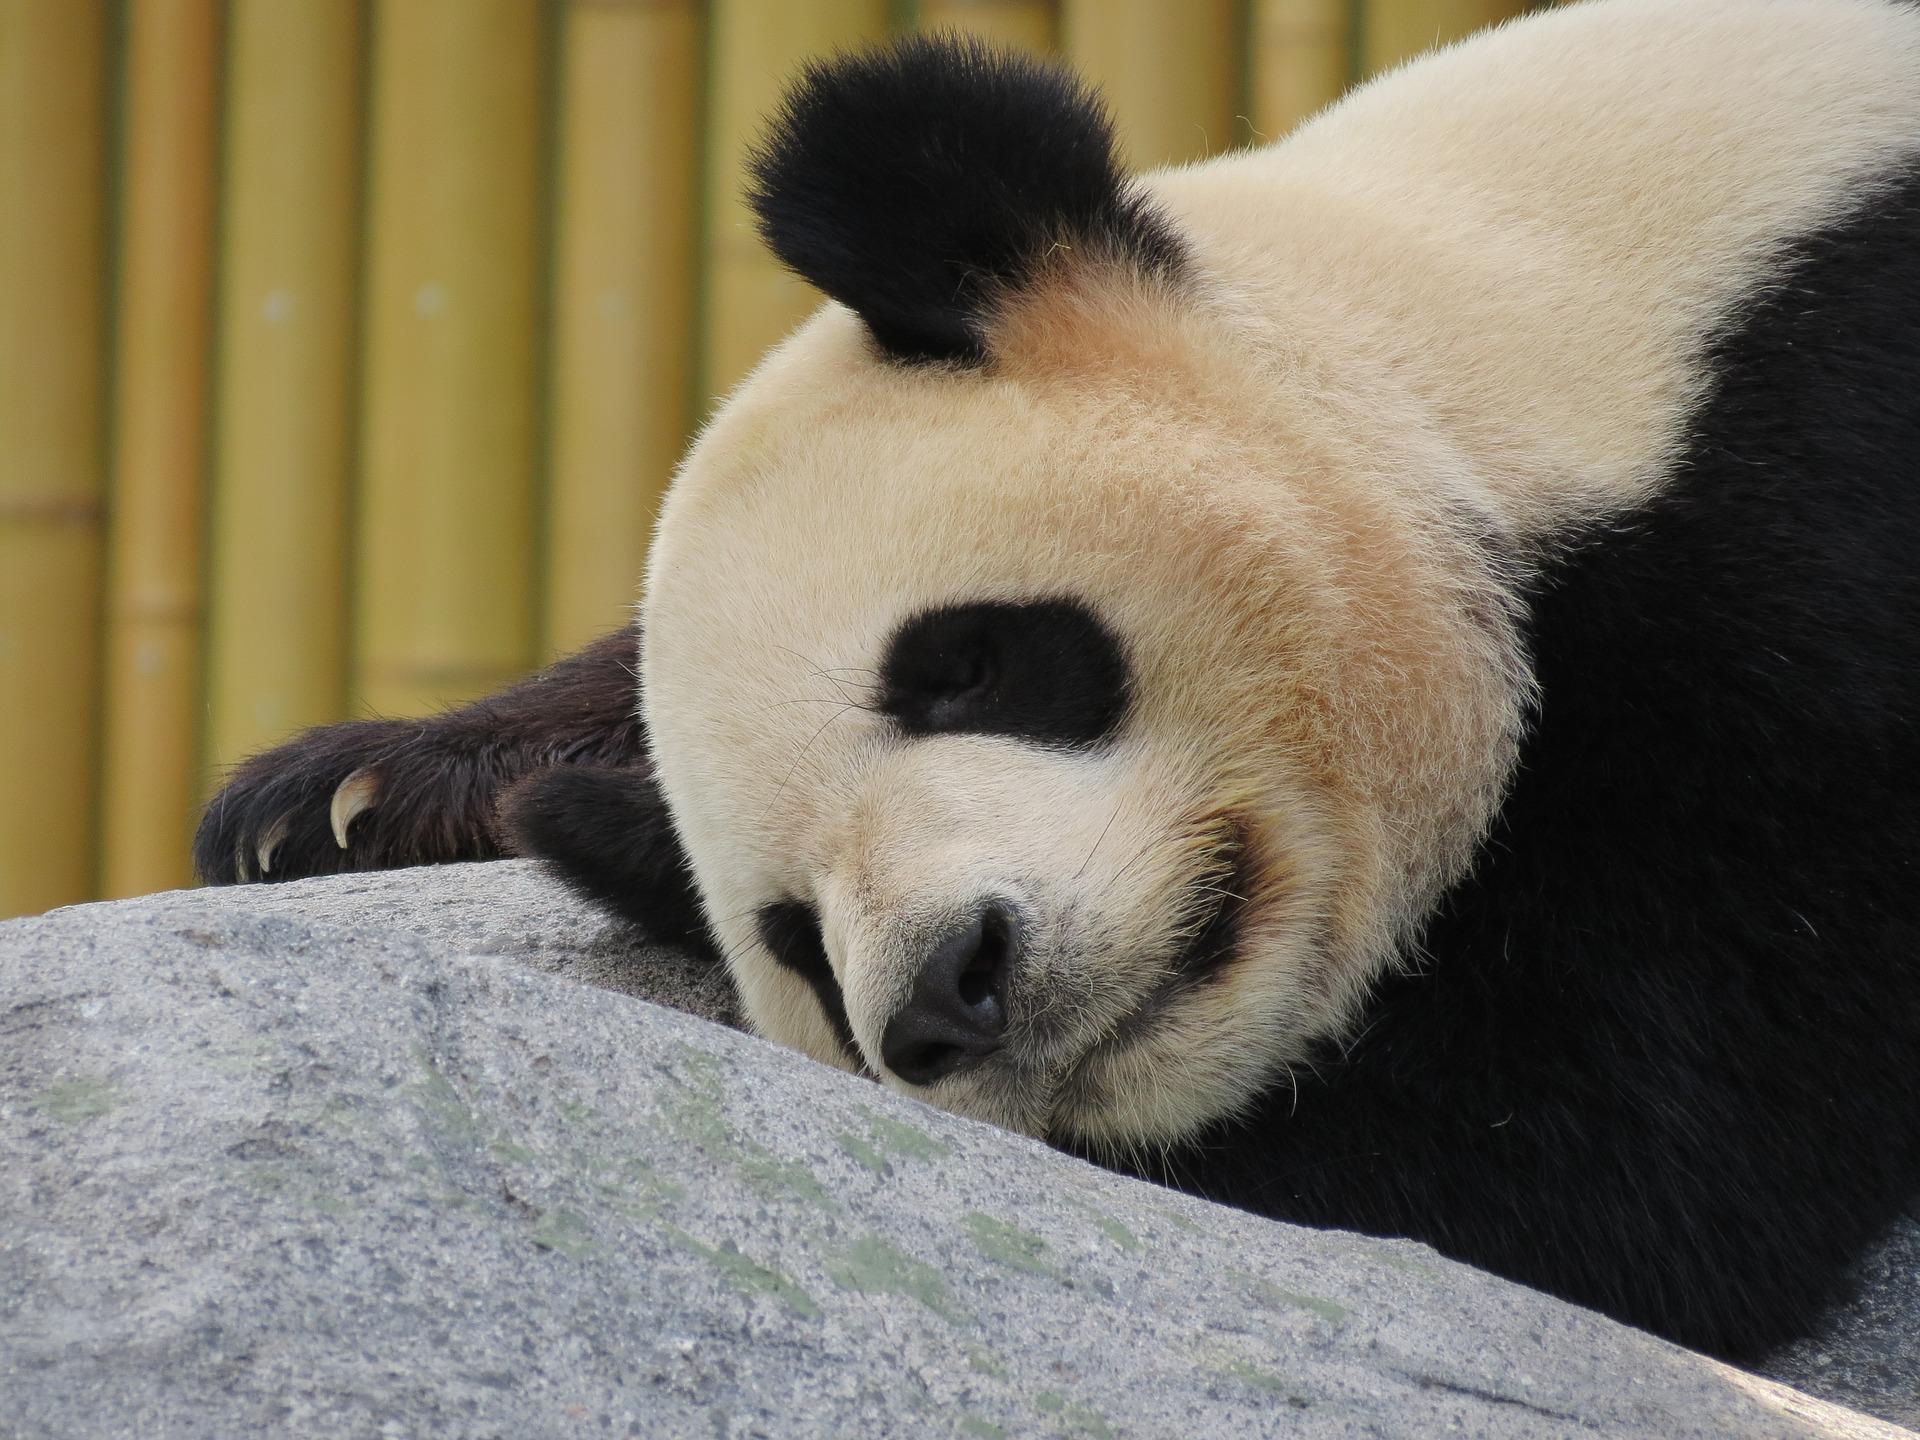 panda-1645495_1920